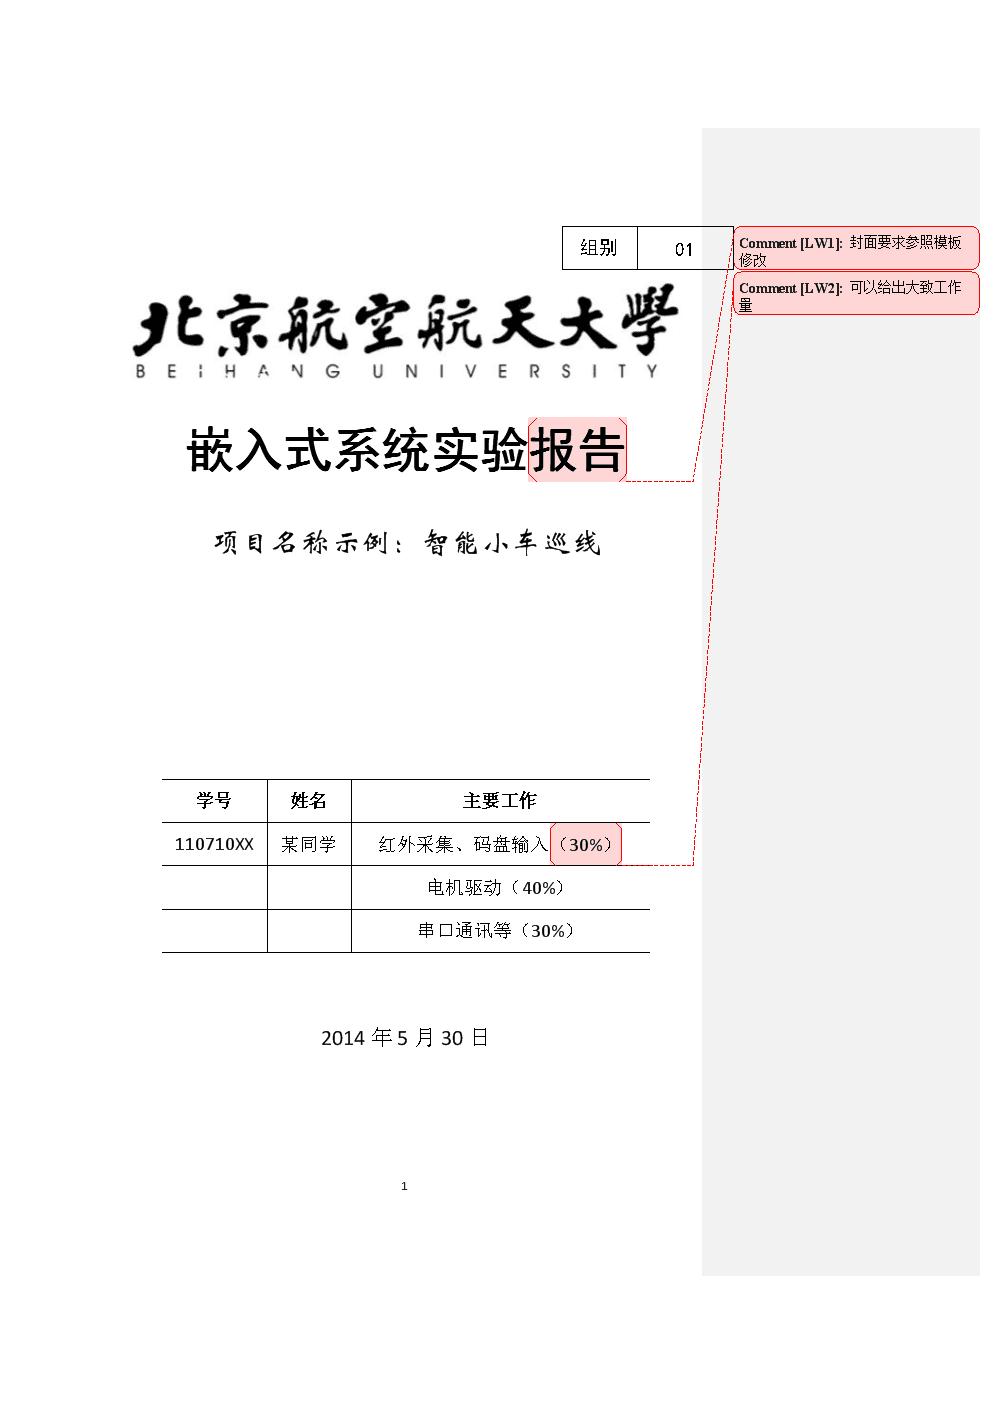 嵌入式实验报告模板.docx